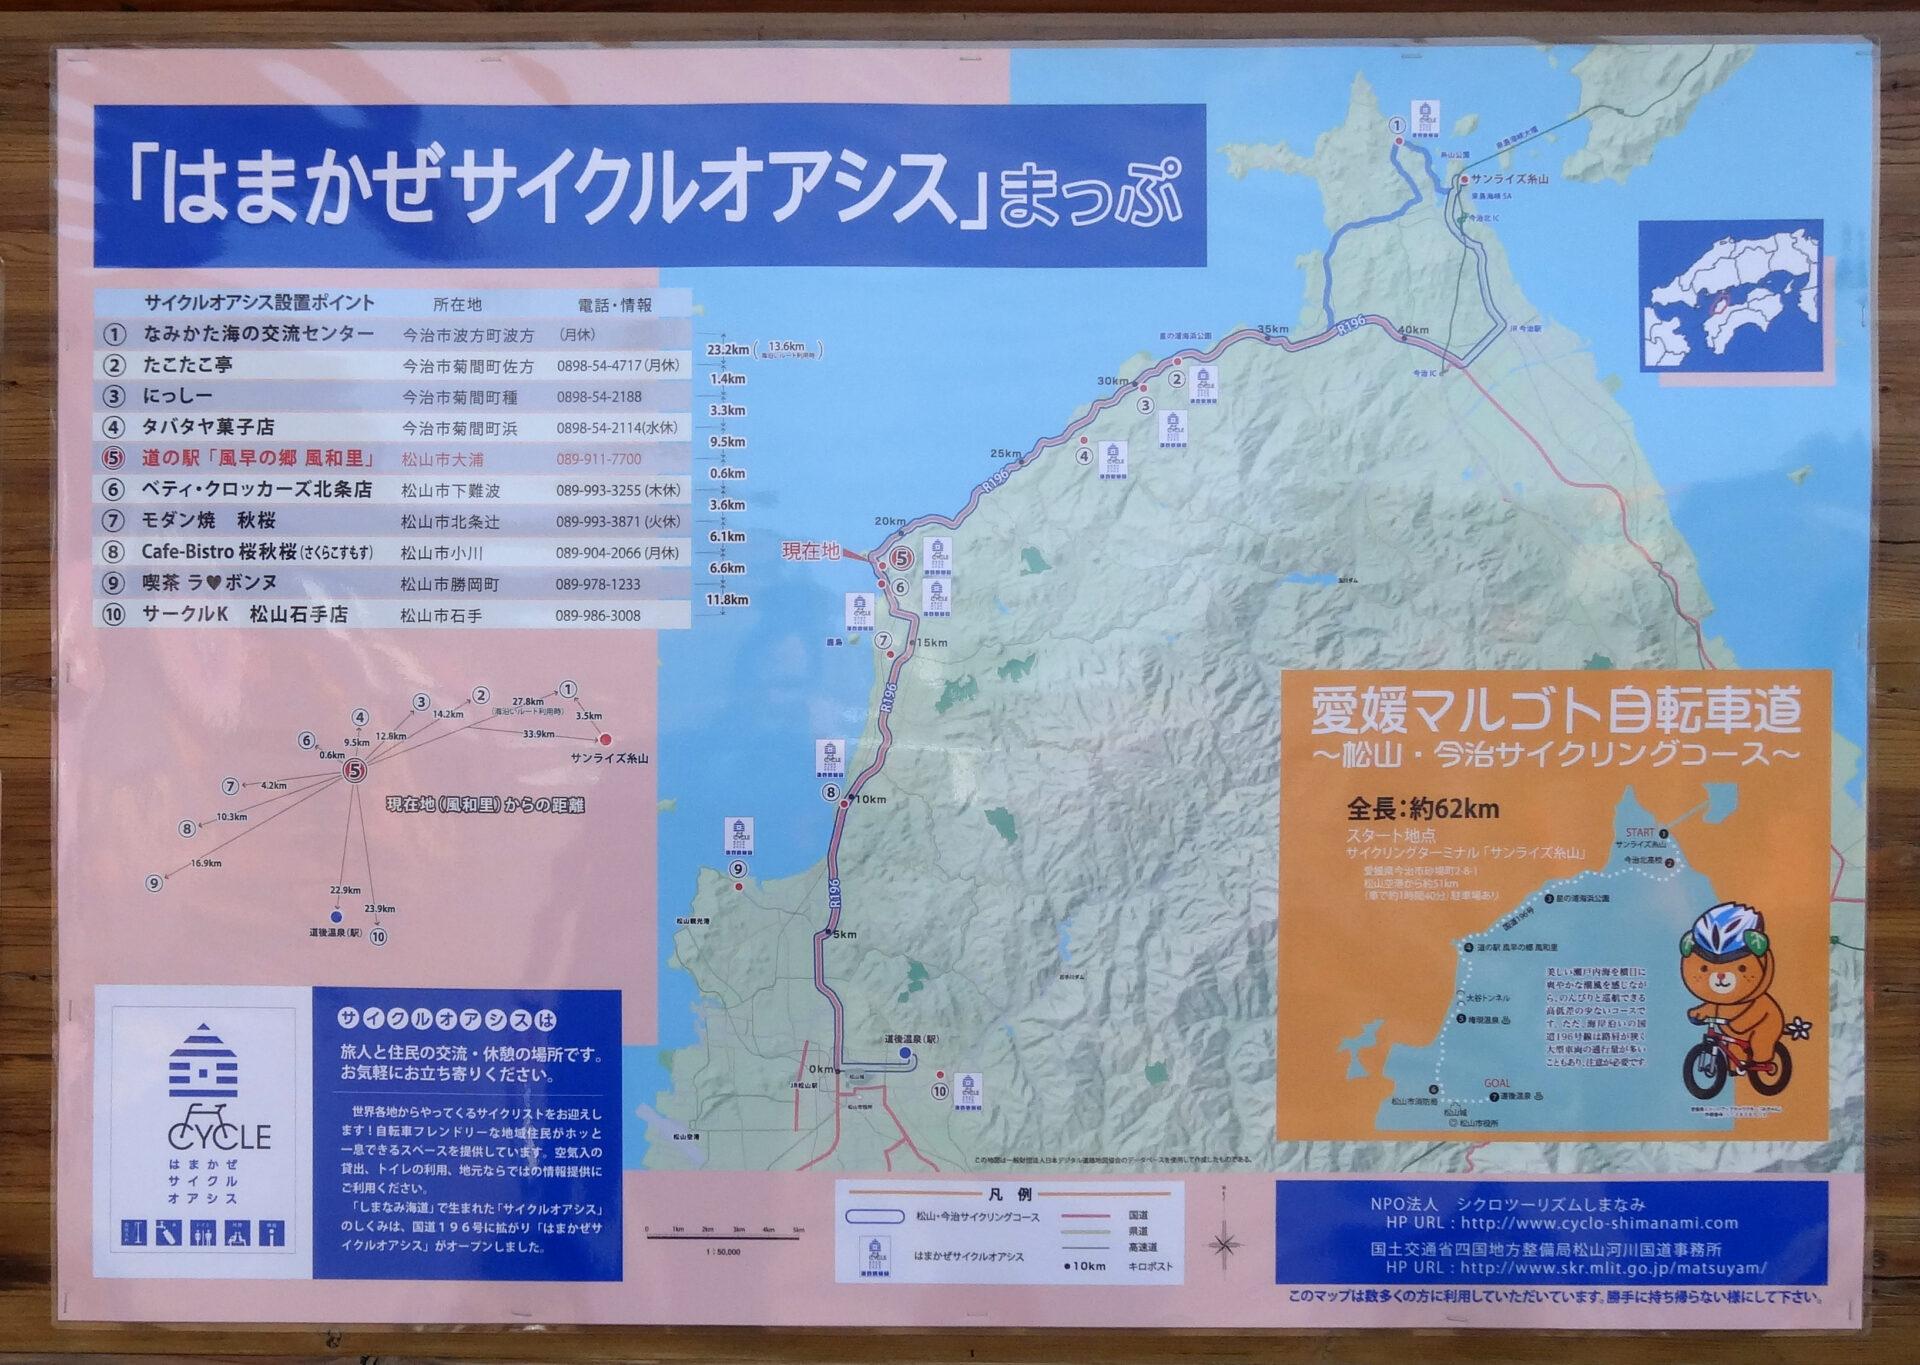 はまかぜ海道には点々とサイクルオアシスがある(クリックで拡大します)